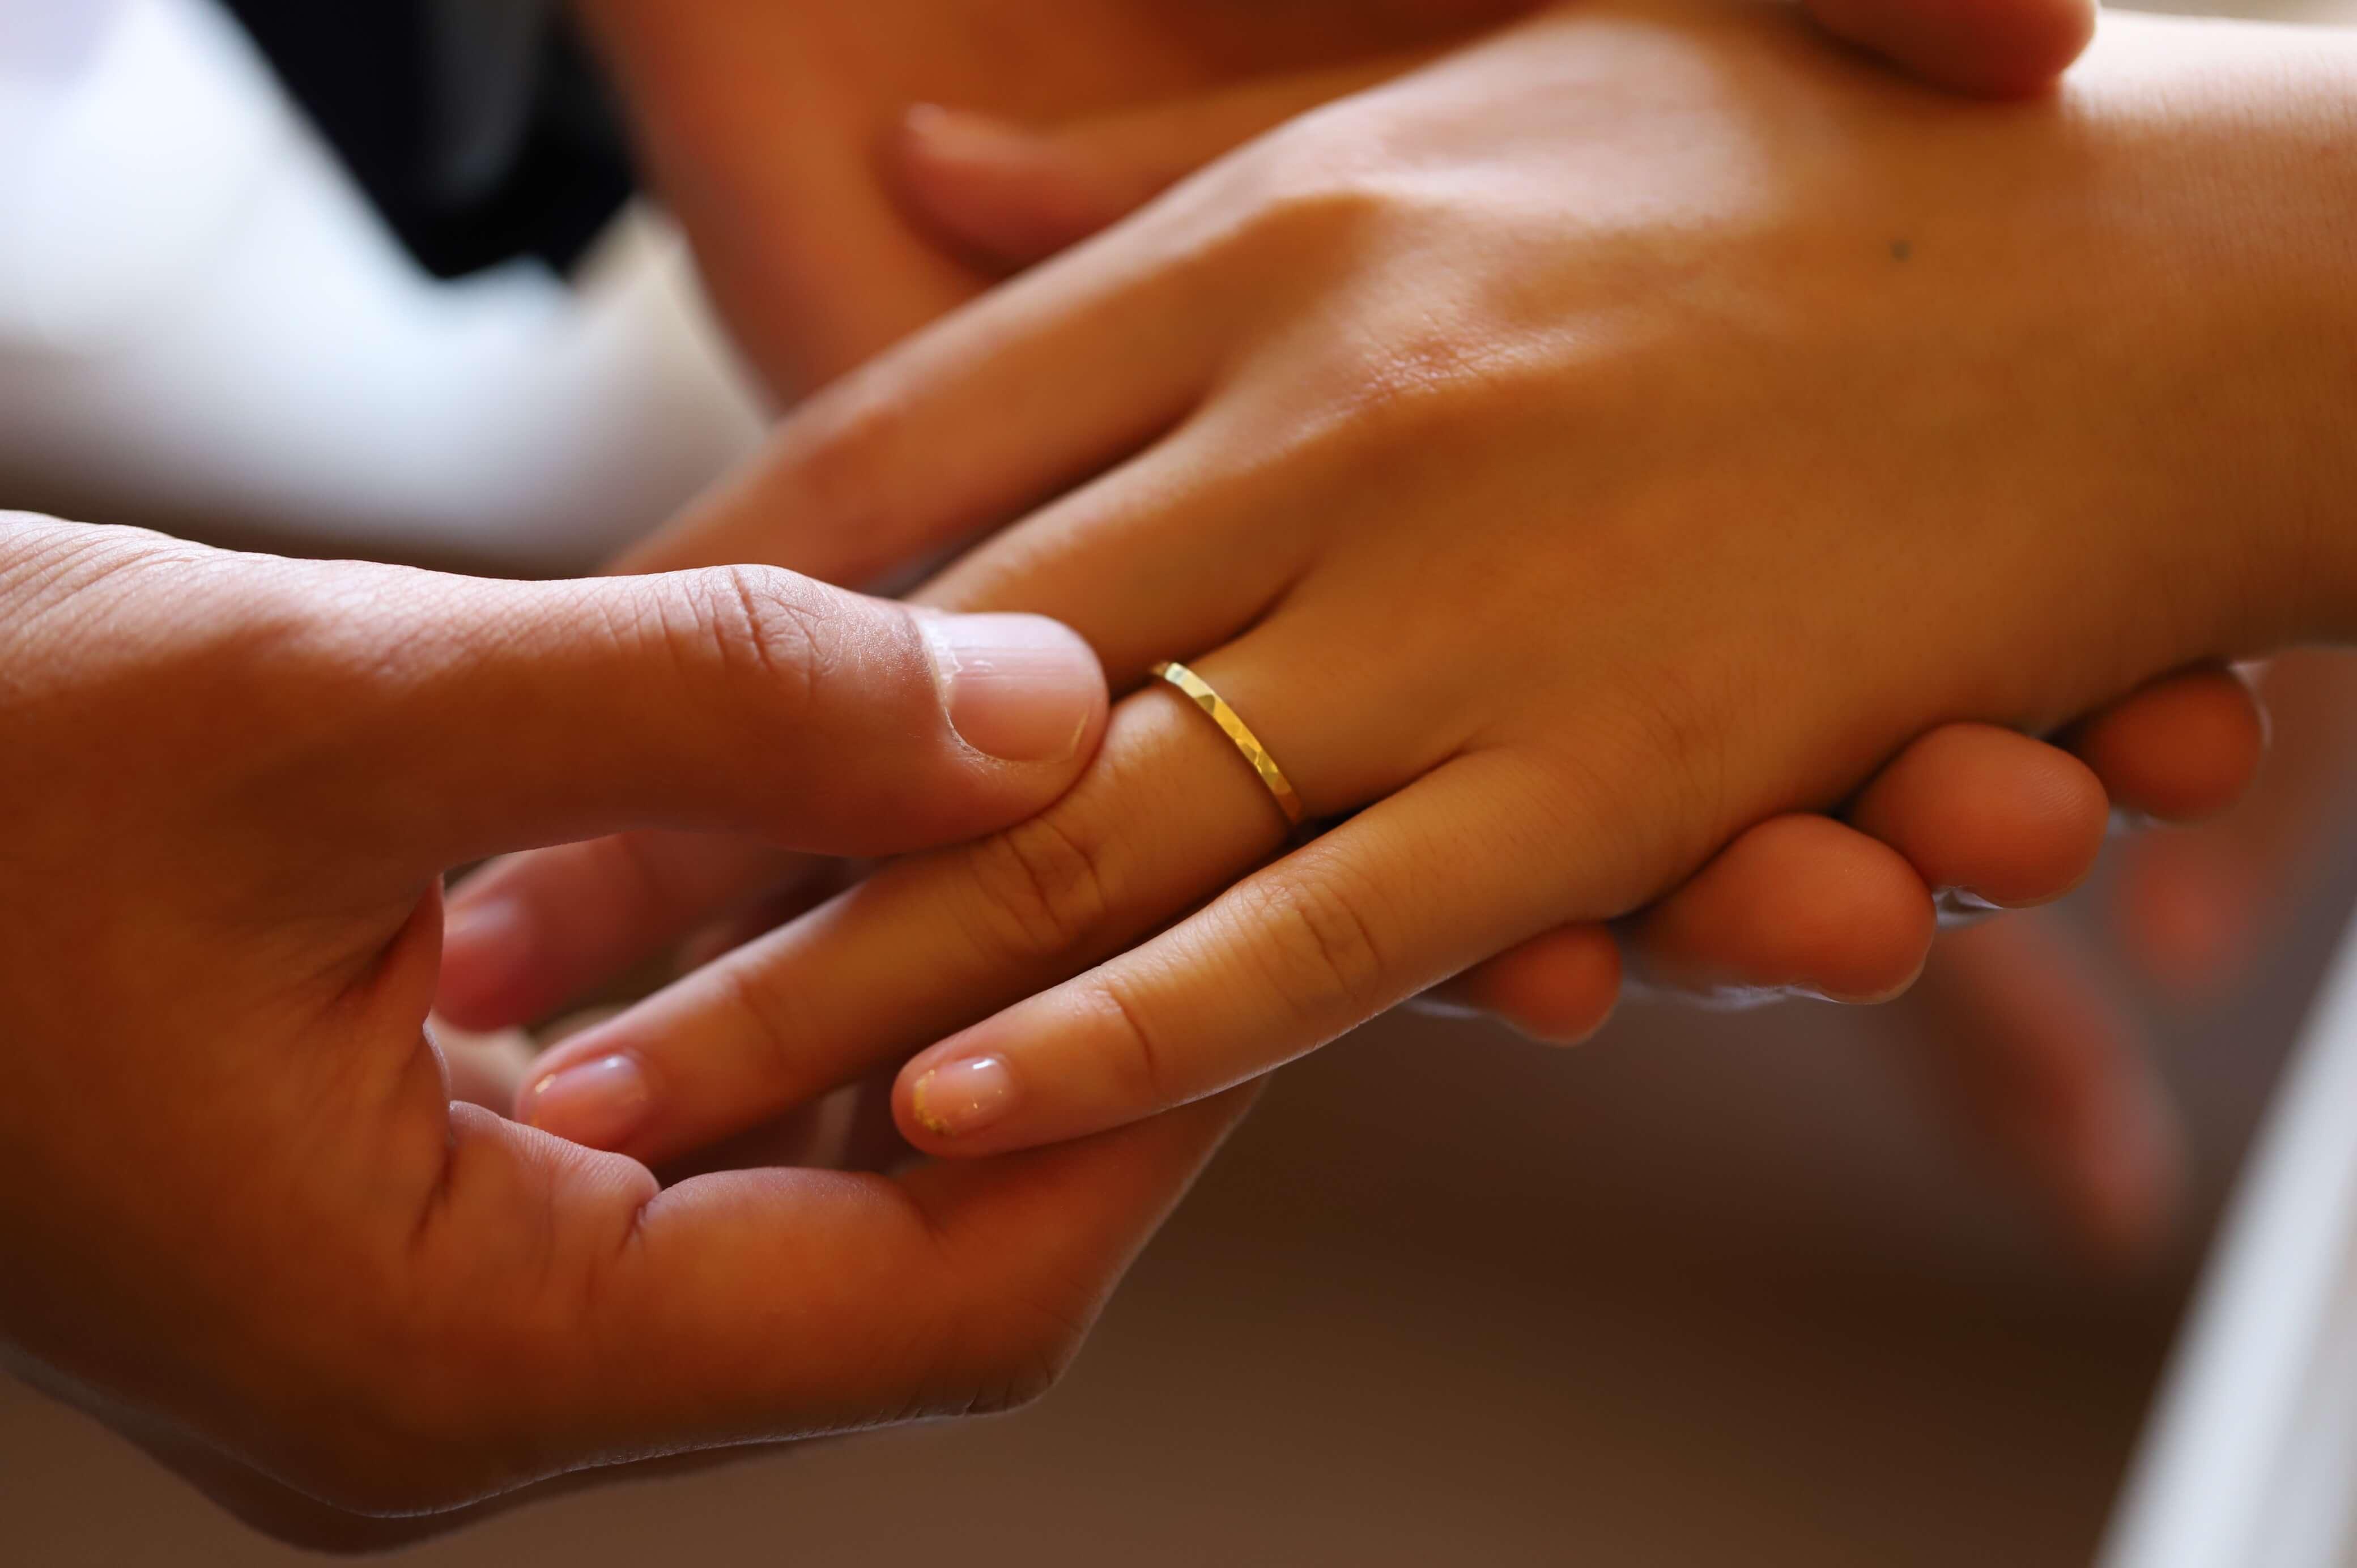 結婚式 指輪交換の場面 ゴールド 屋久島でつくる結婚指輪